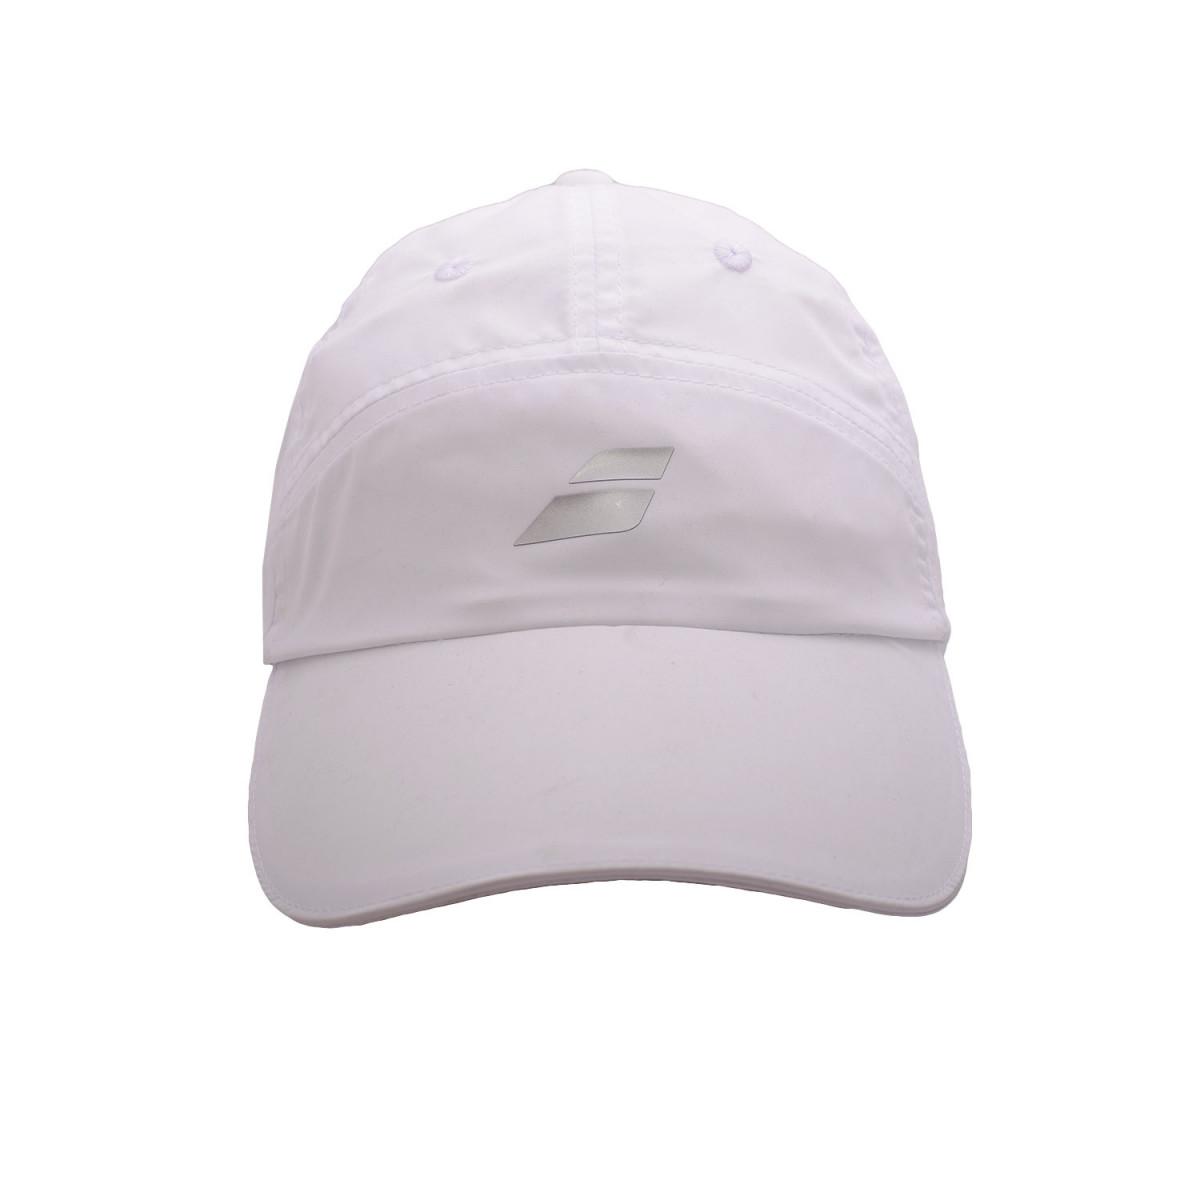 Gorra Babolat Microfiber - Caps - Gorros - Accesorios - Mujer b3c84206a37